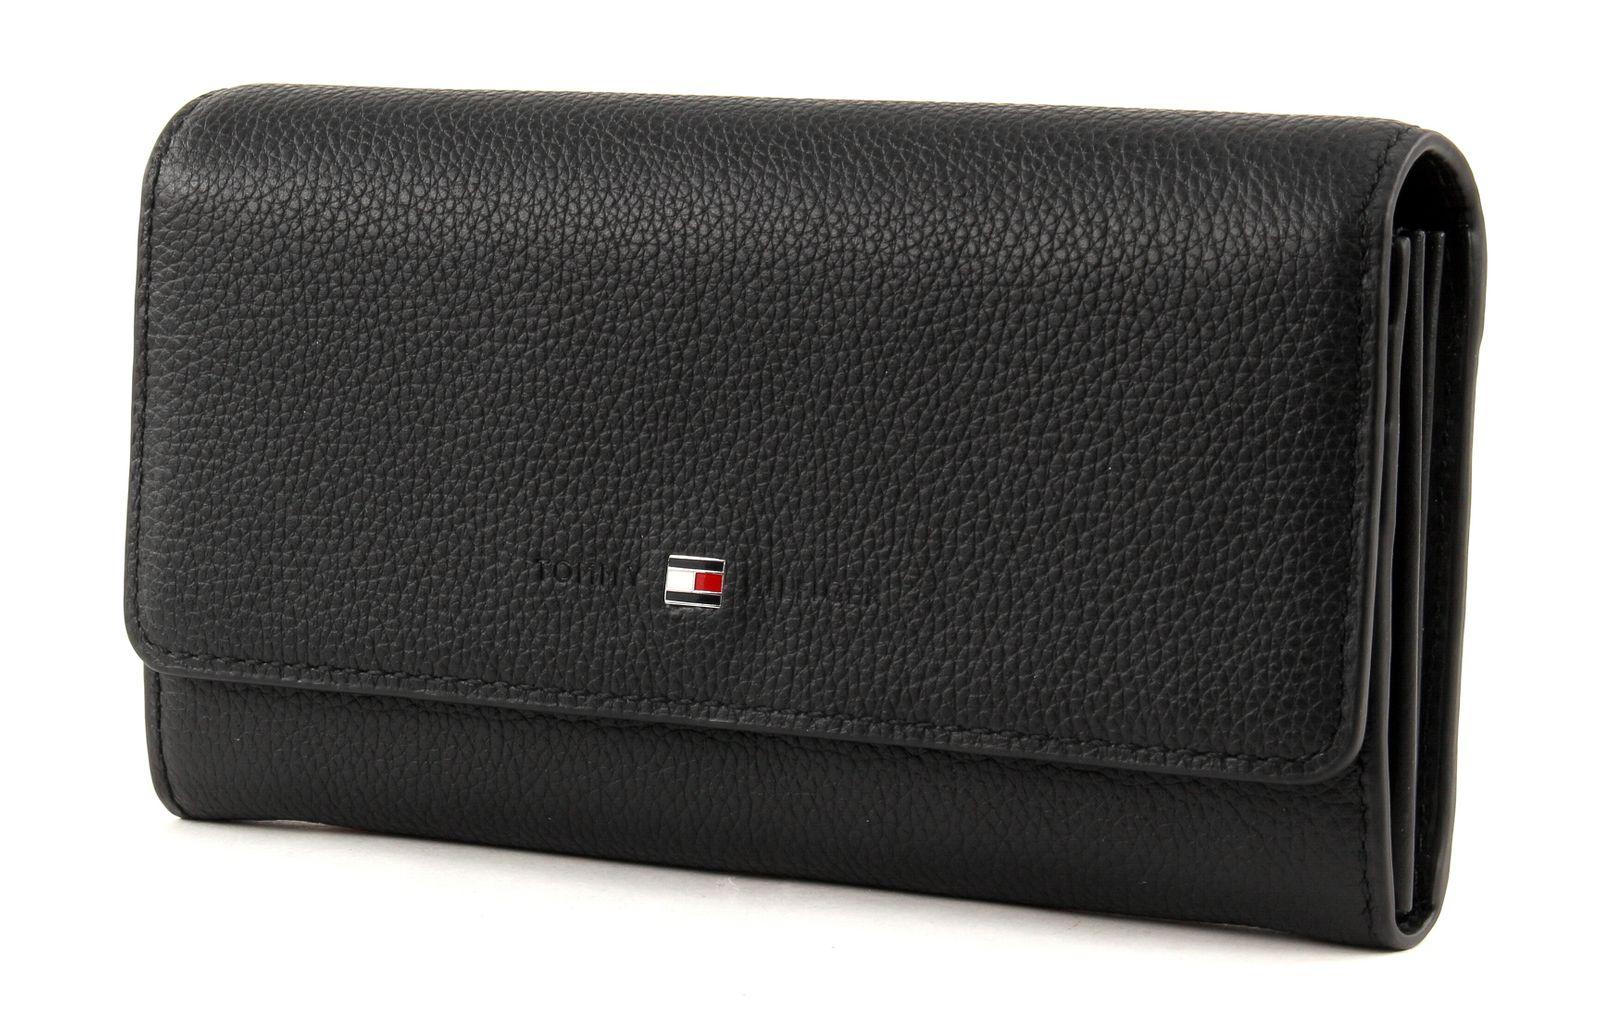 tommy hilfiger purse basic leather large e w wallet black. Black Bedroom Furniture Sets. Home Design Ideas